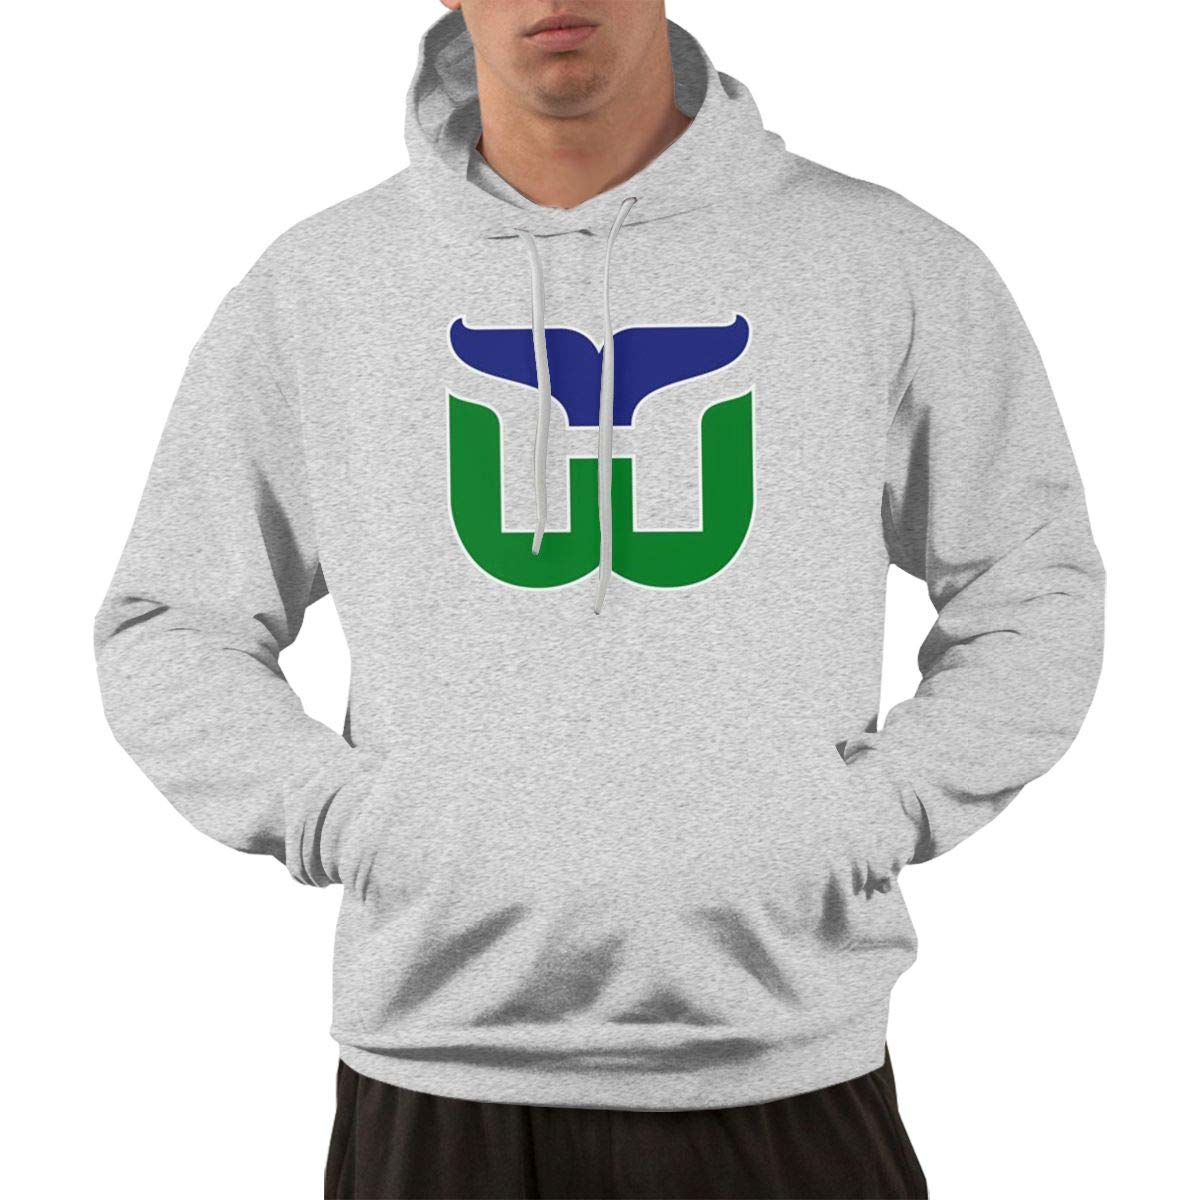 Fjguvnejjdfnf Man Hartford Whalers Sweatshirt